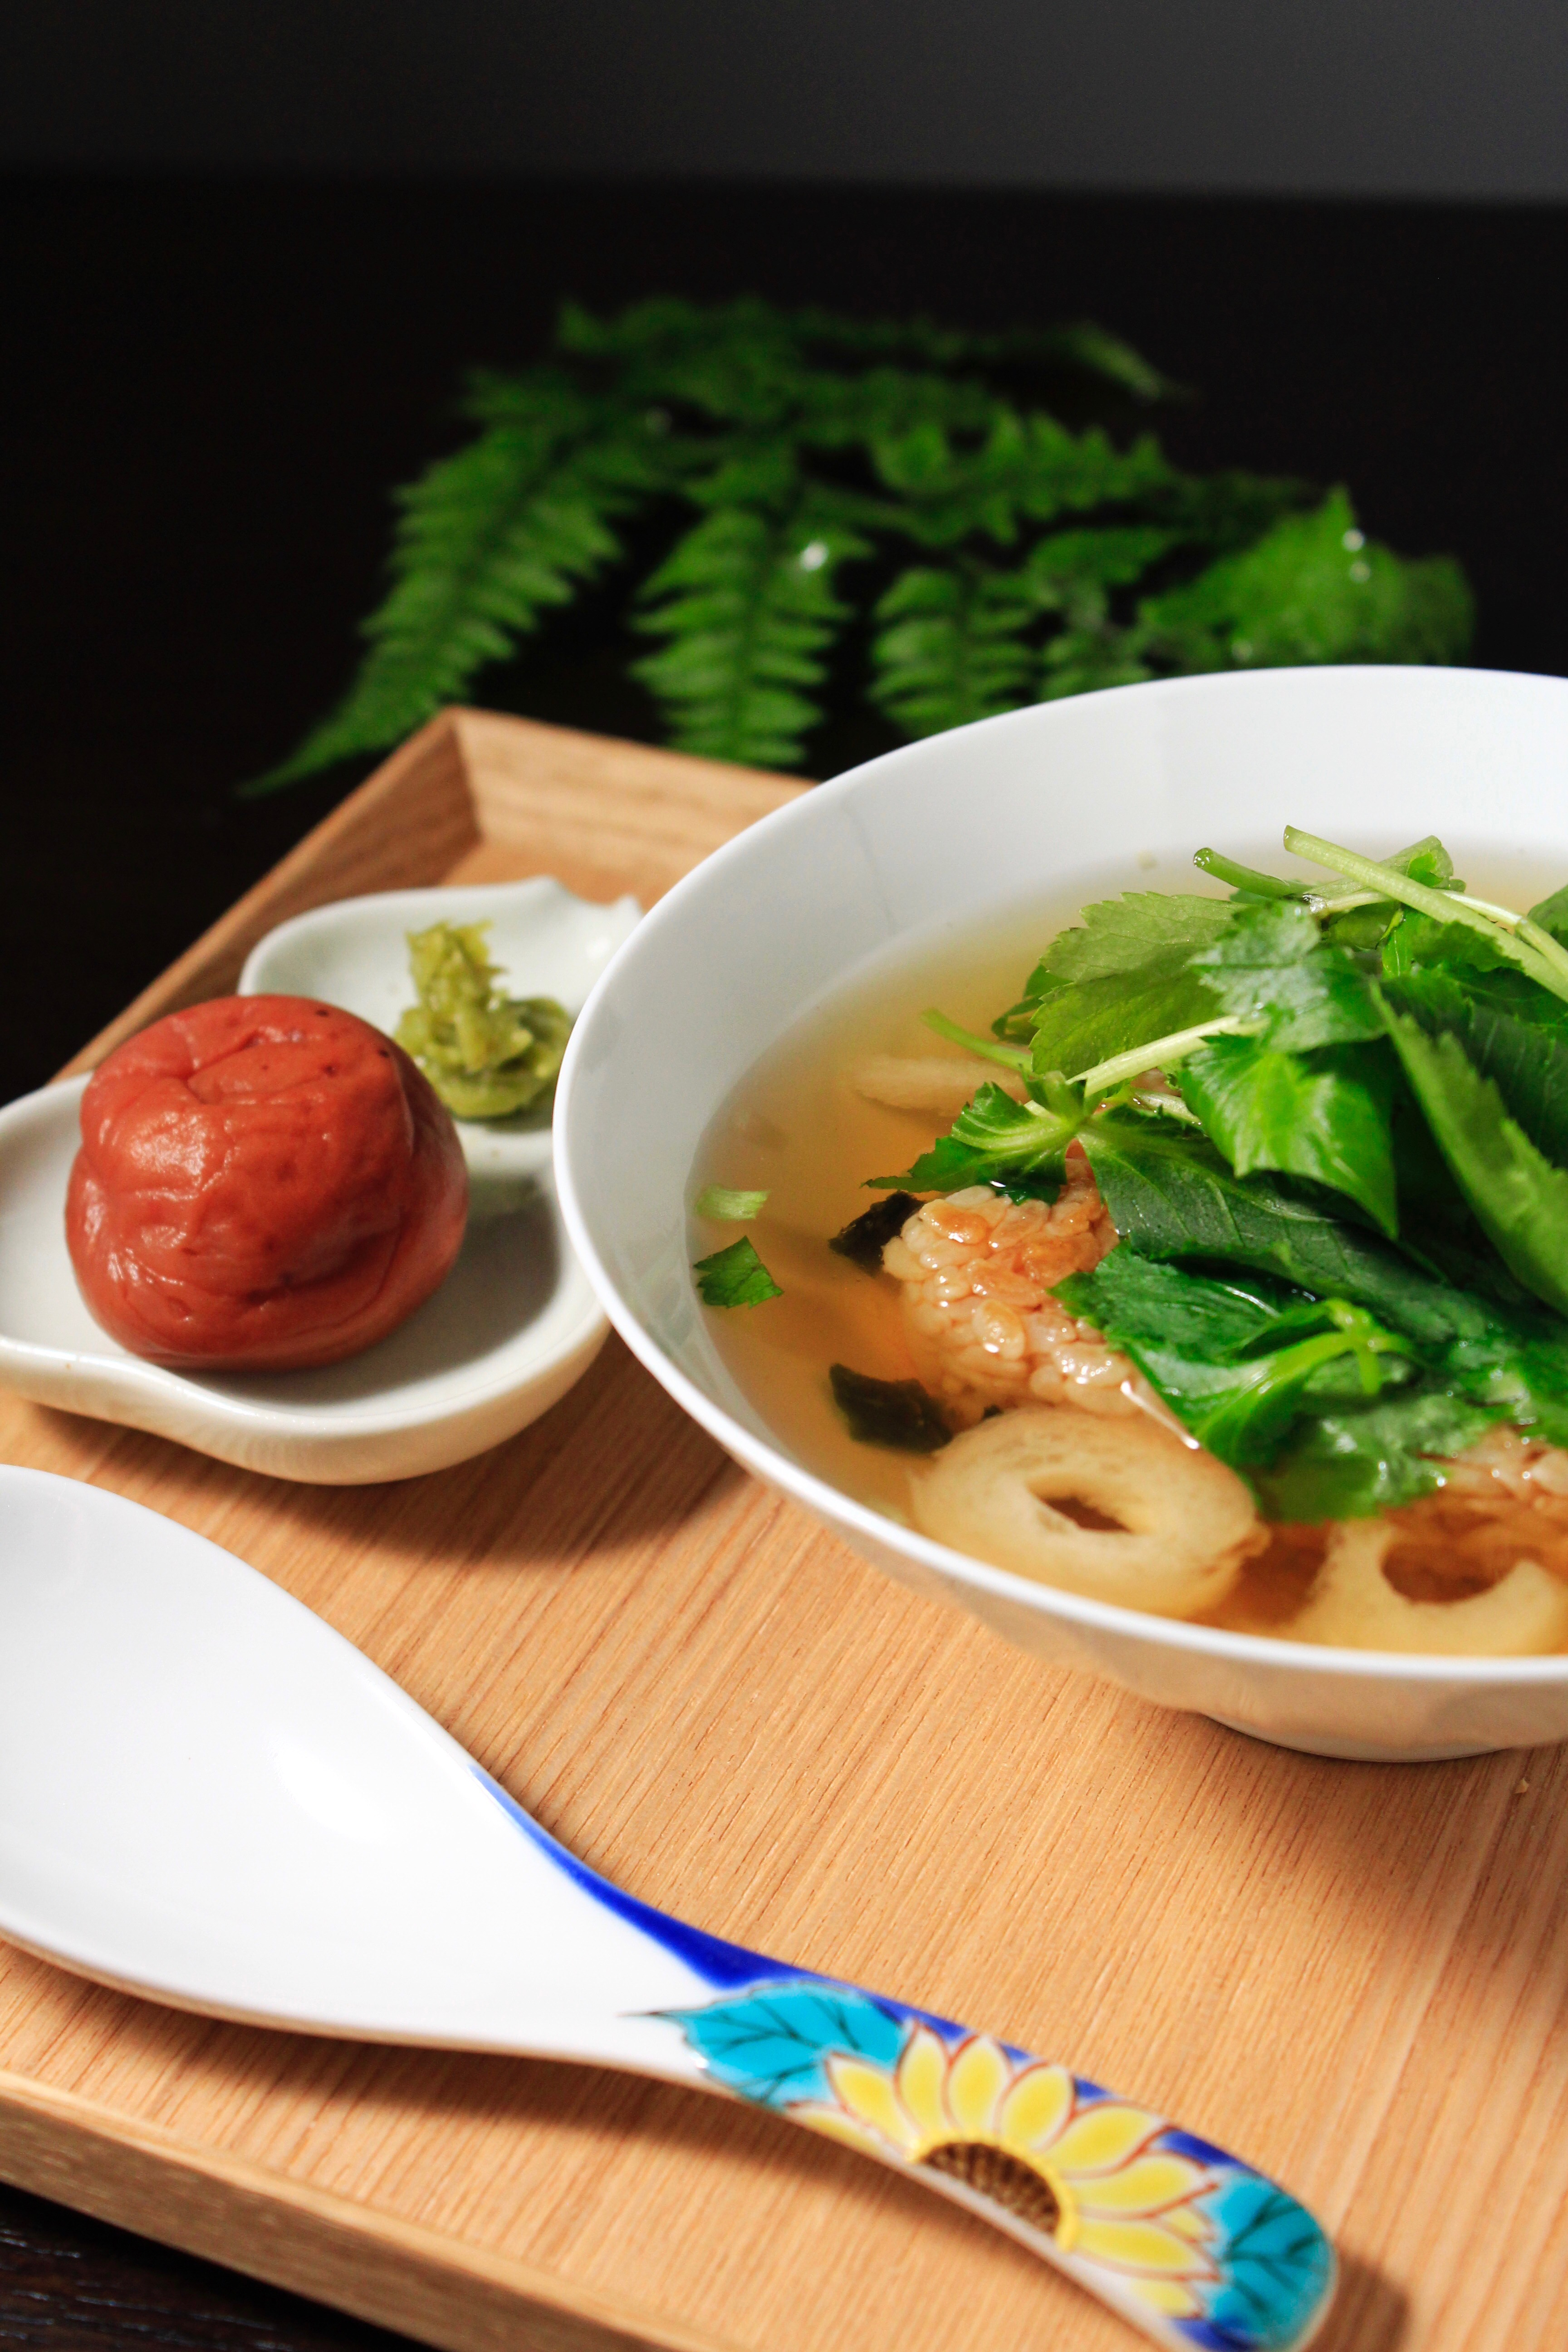 冷凍焼きおにぎりと永谷園のお吸い物でお雑炊③